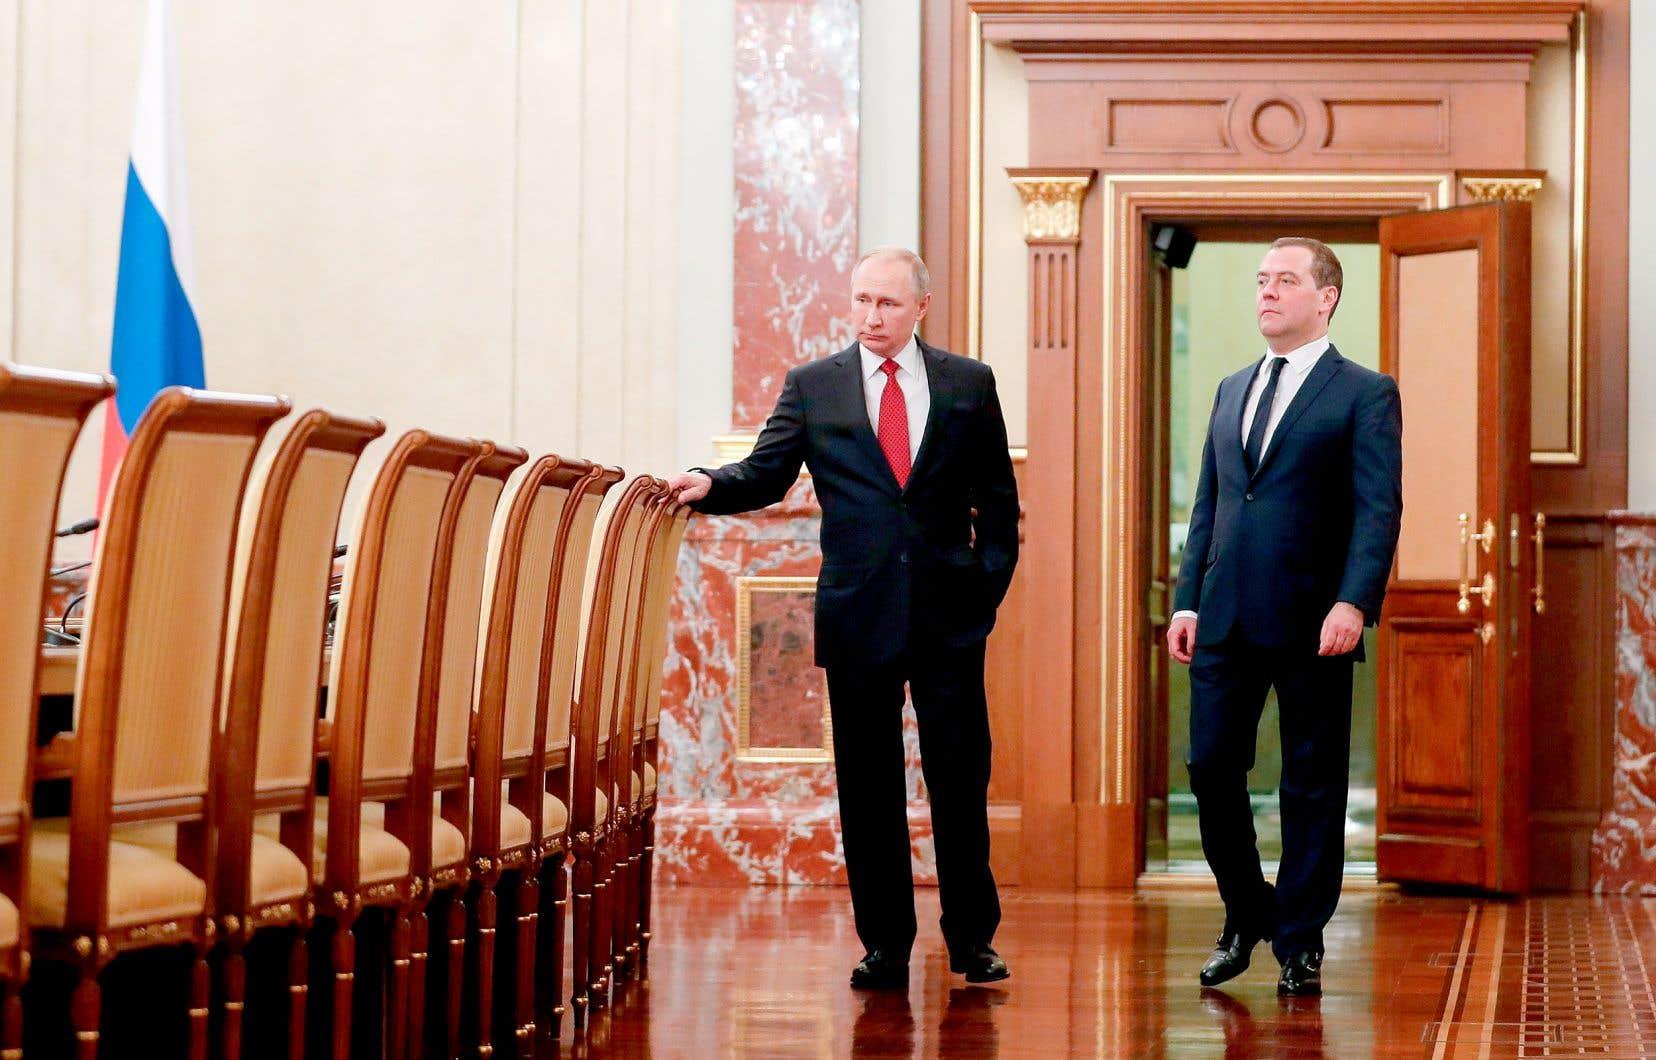 Le président Vladimir Poutine et le premier ministre démissionnaire Dmitri Medvedev ont échangé quelques mots avant d'annoncer le remplacement du second, mercredi, à Moscou.